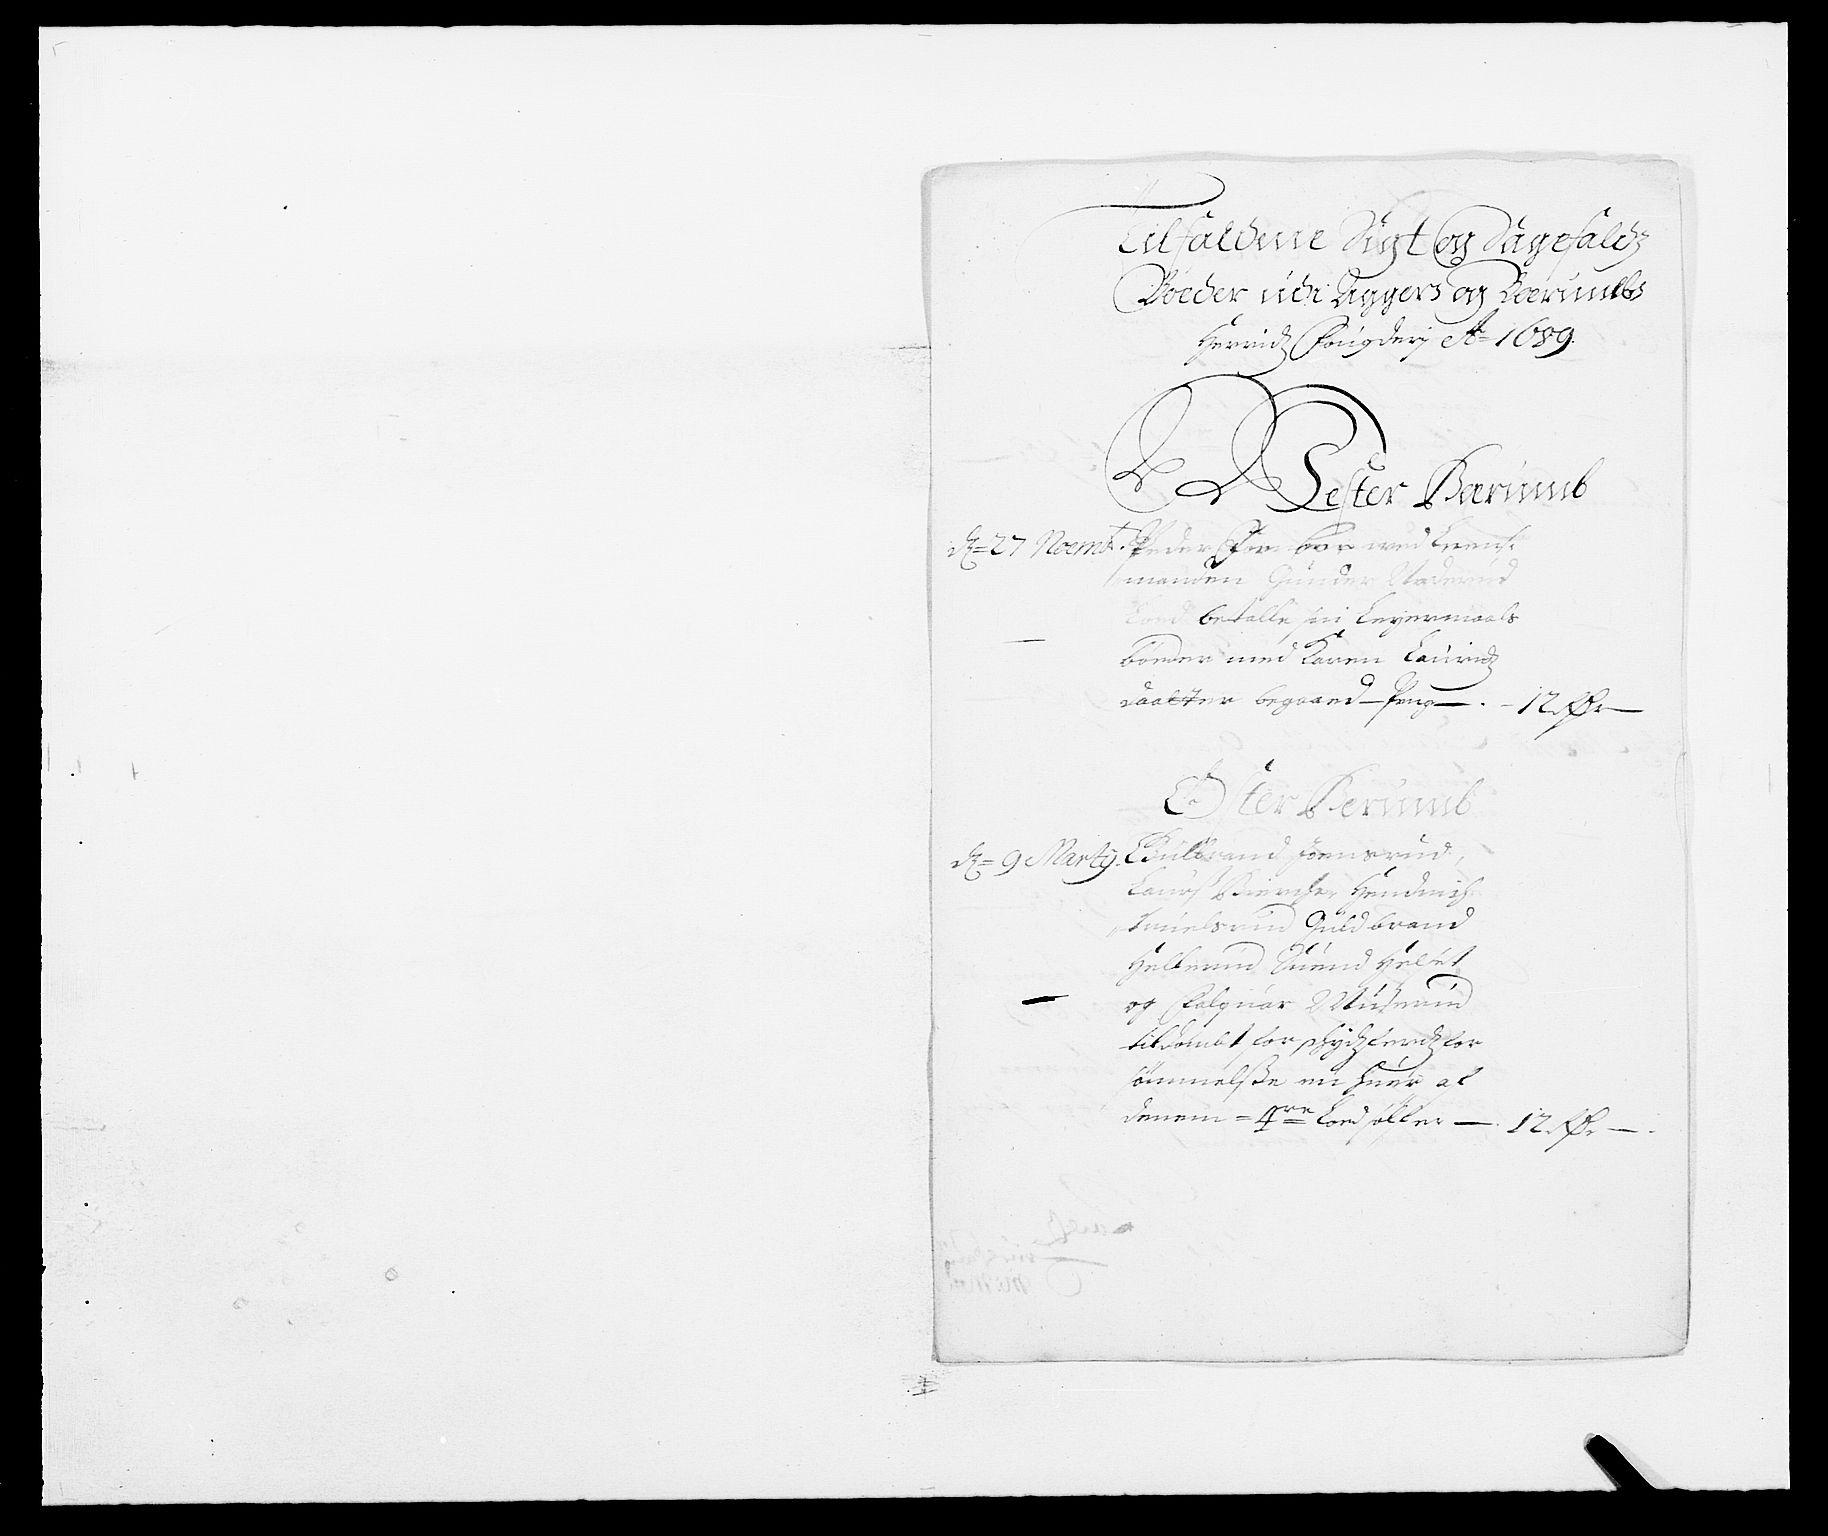 RA, Rentekammeret inntil 1814, Reviderte regnskaper, Fogderegnskap, R08/L0423: Fogderegnskap Aker, 1687-1689, s. 29